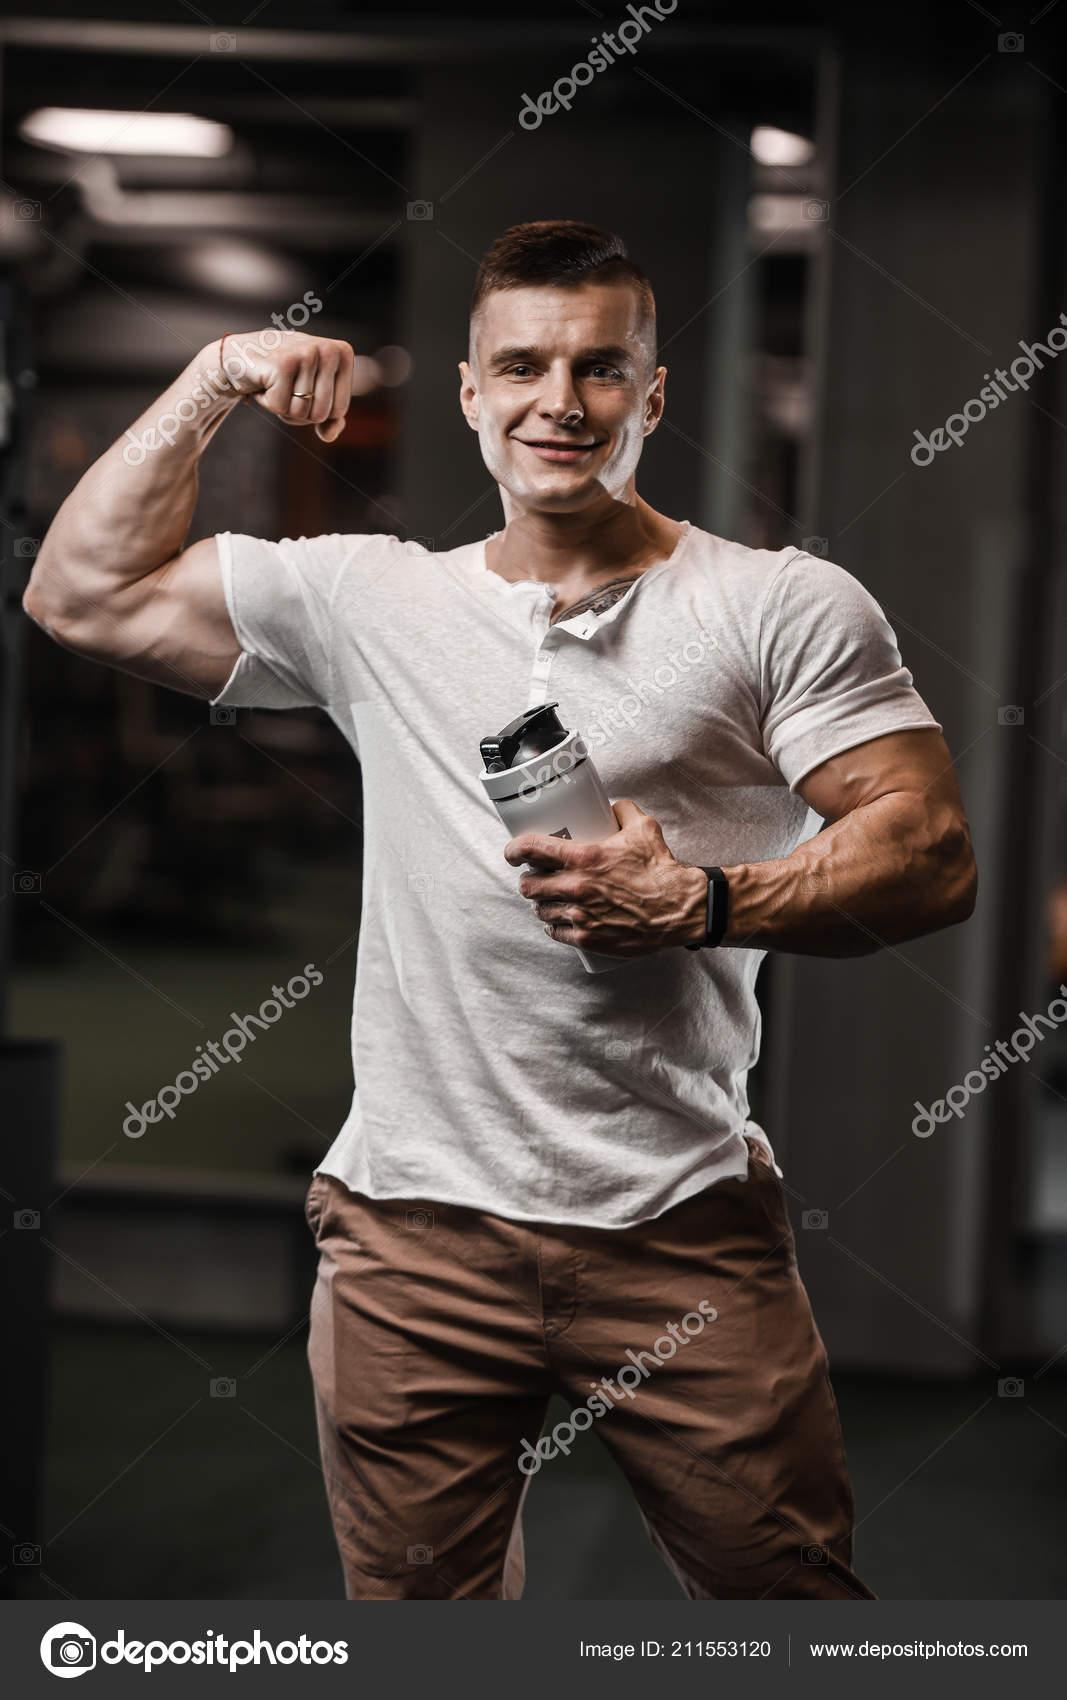 Guy lik ed grabbing boobs